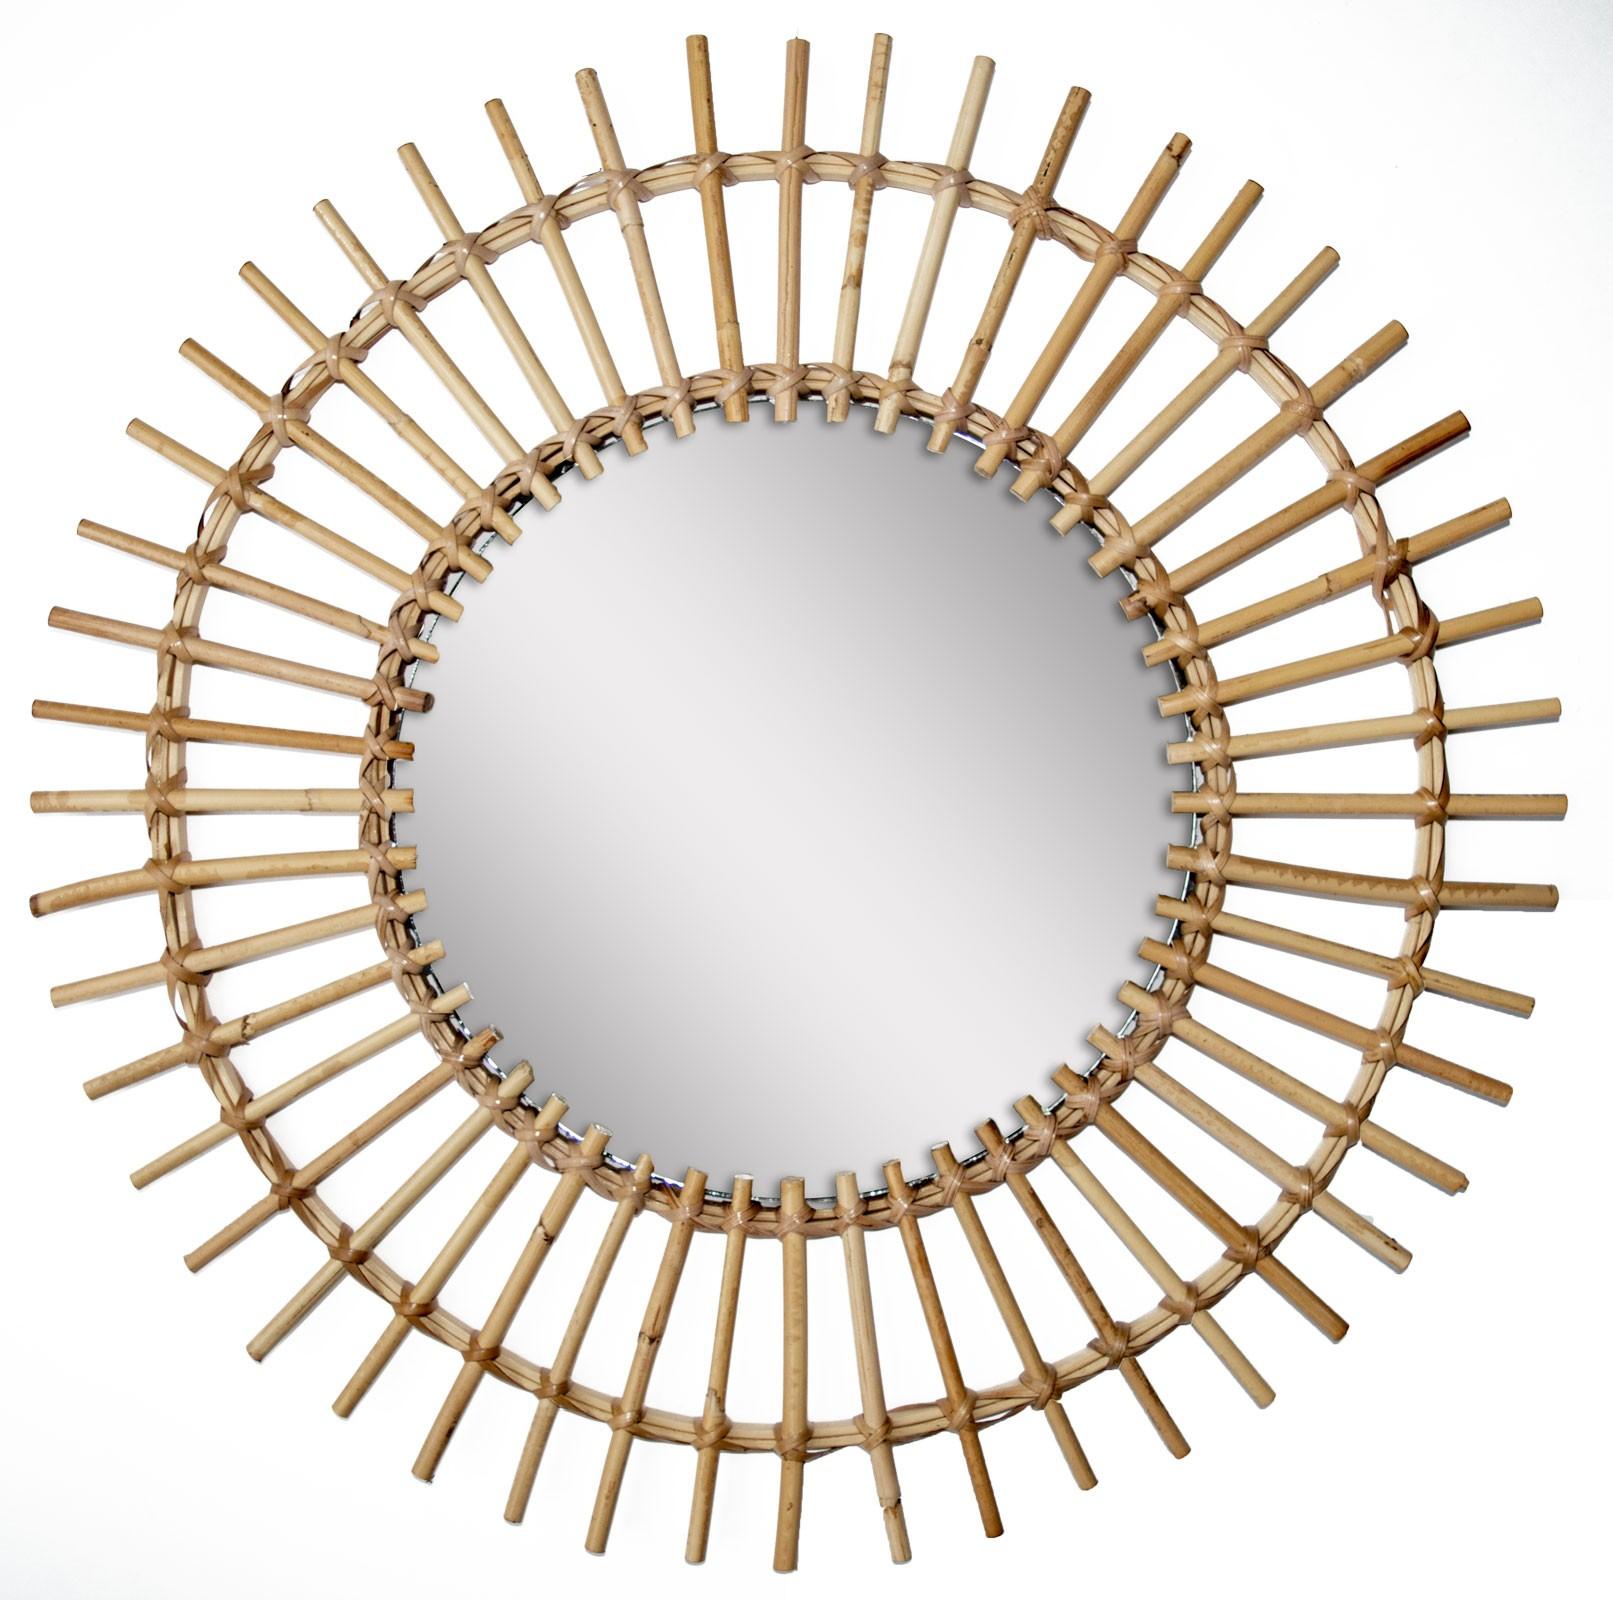 miroir rd bamboo naturel diam.55cm